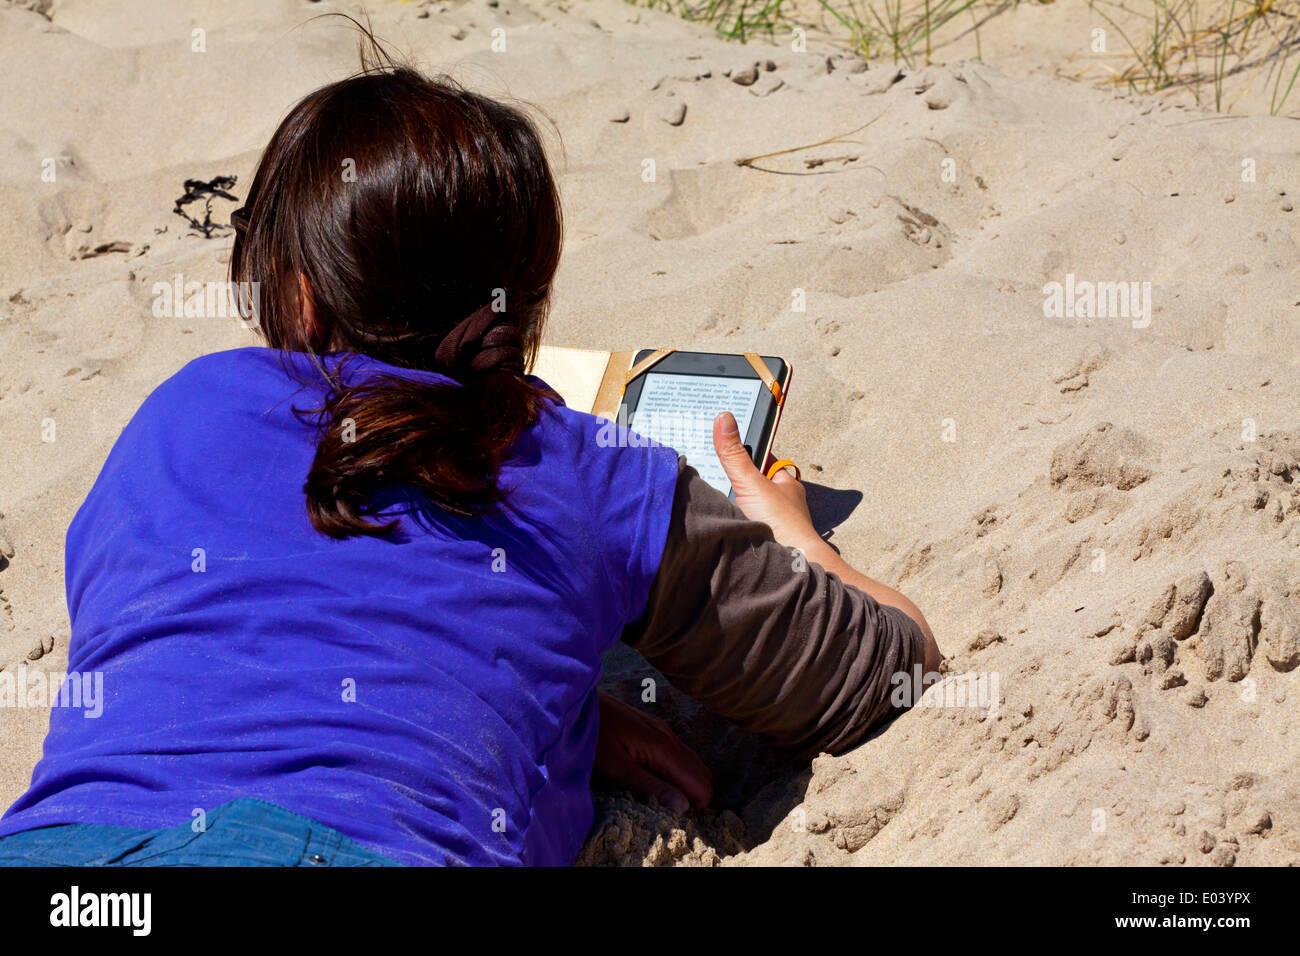 Femme allongée sur une plage de sable fin à l'aide d'un Amazon Kindle e-reader pour lire un livre tout en vous relaxant sur maison de vacances Photo Stock